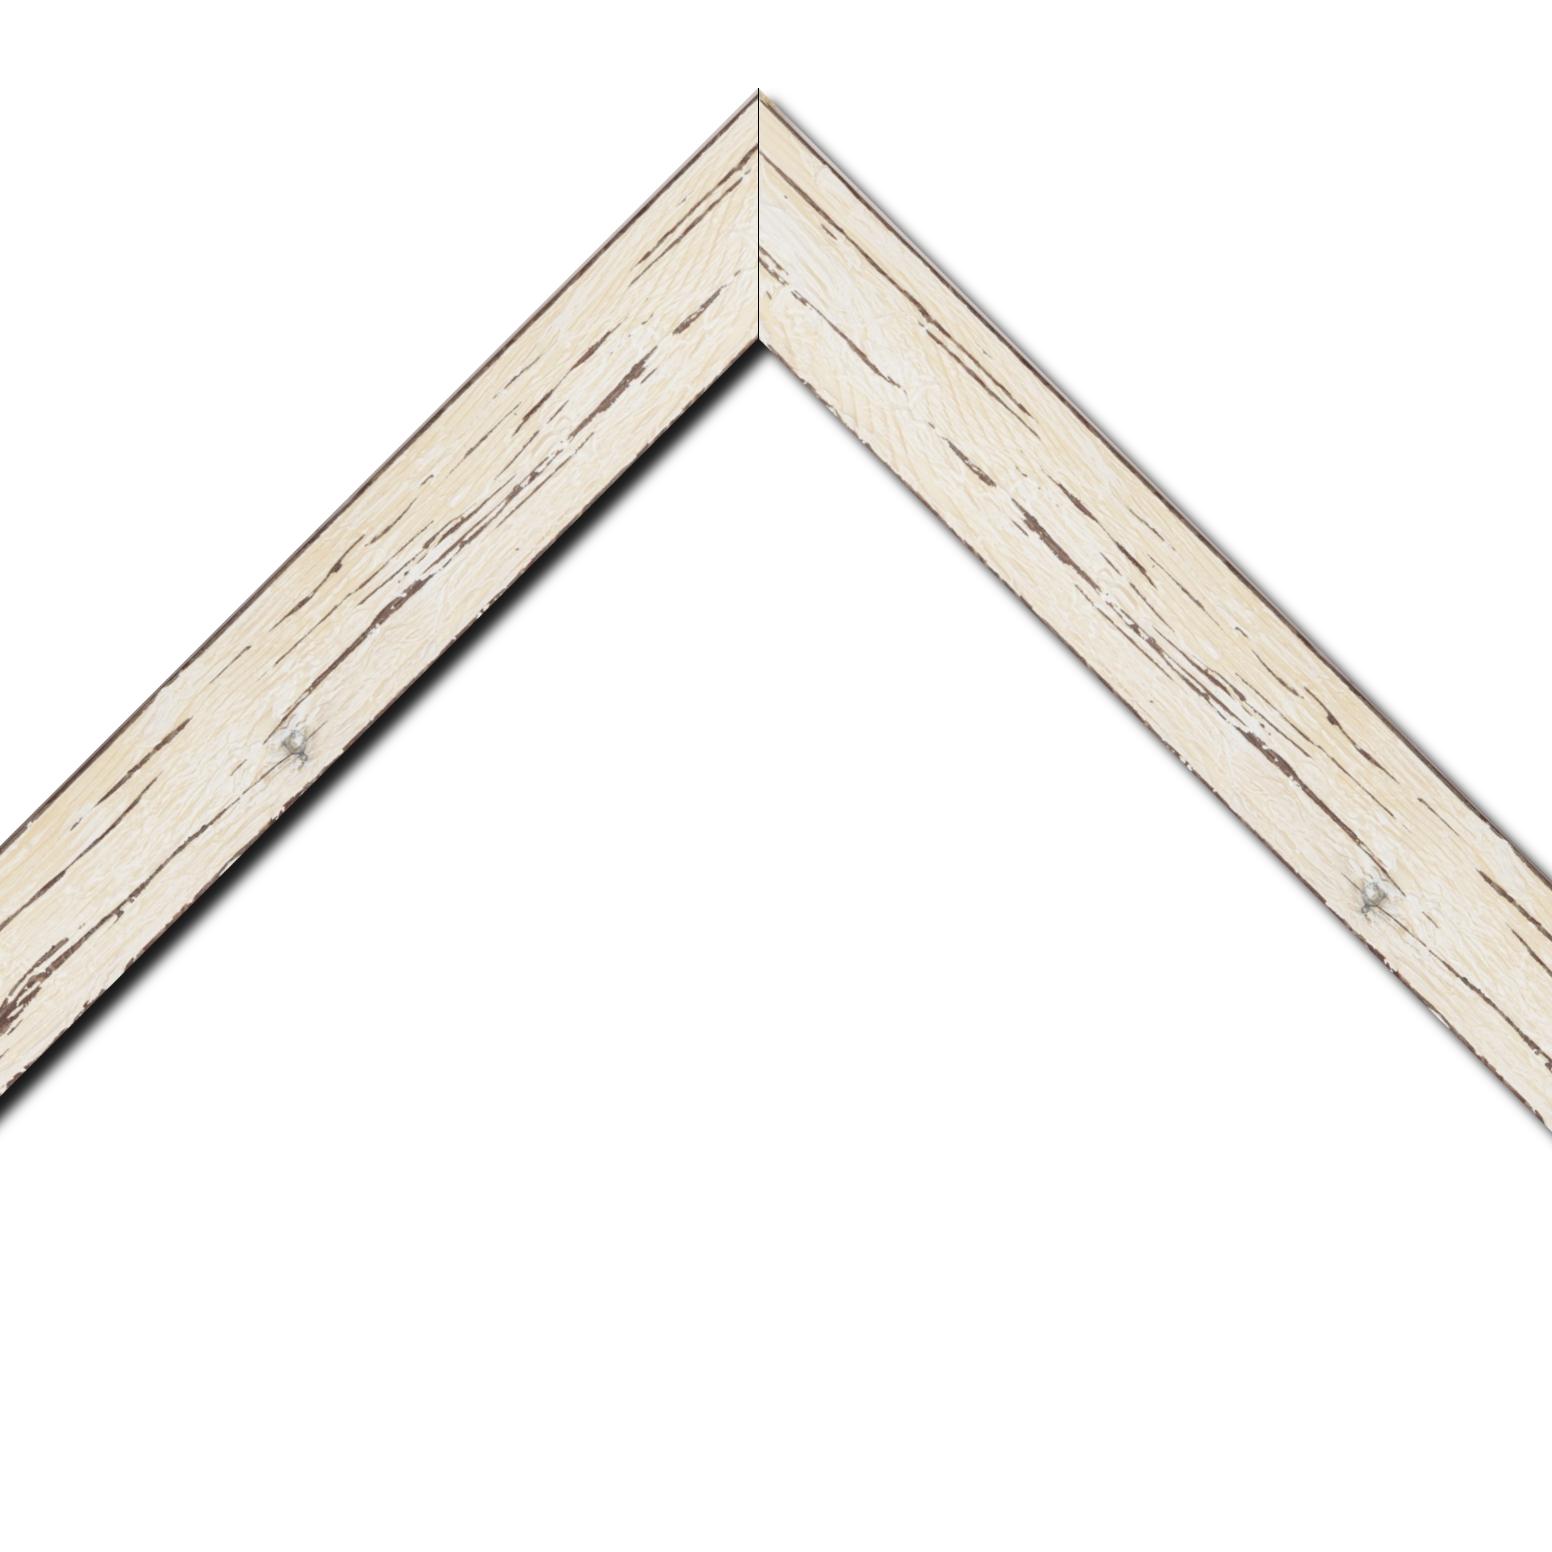 Baguette bois profil plat largeur 4.3cm couleur blanchie finition aspect vieilli antique